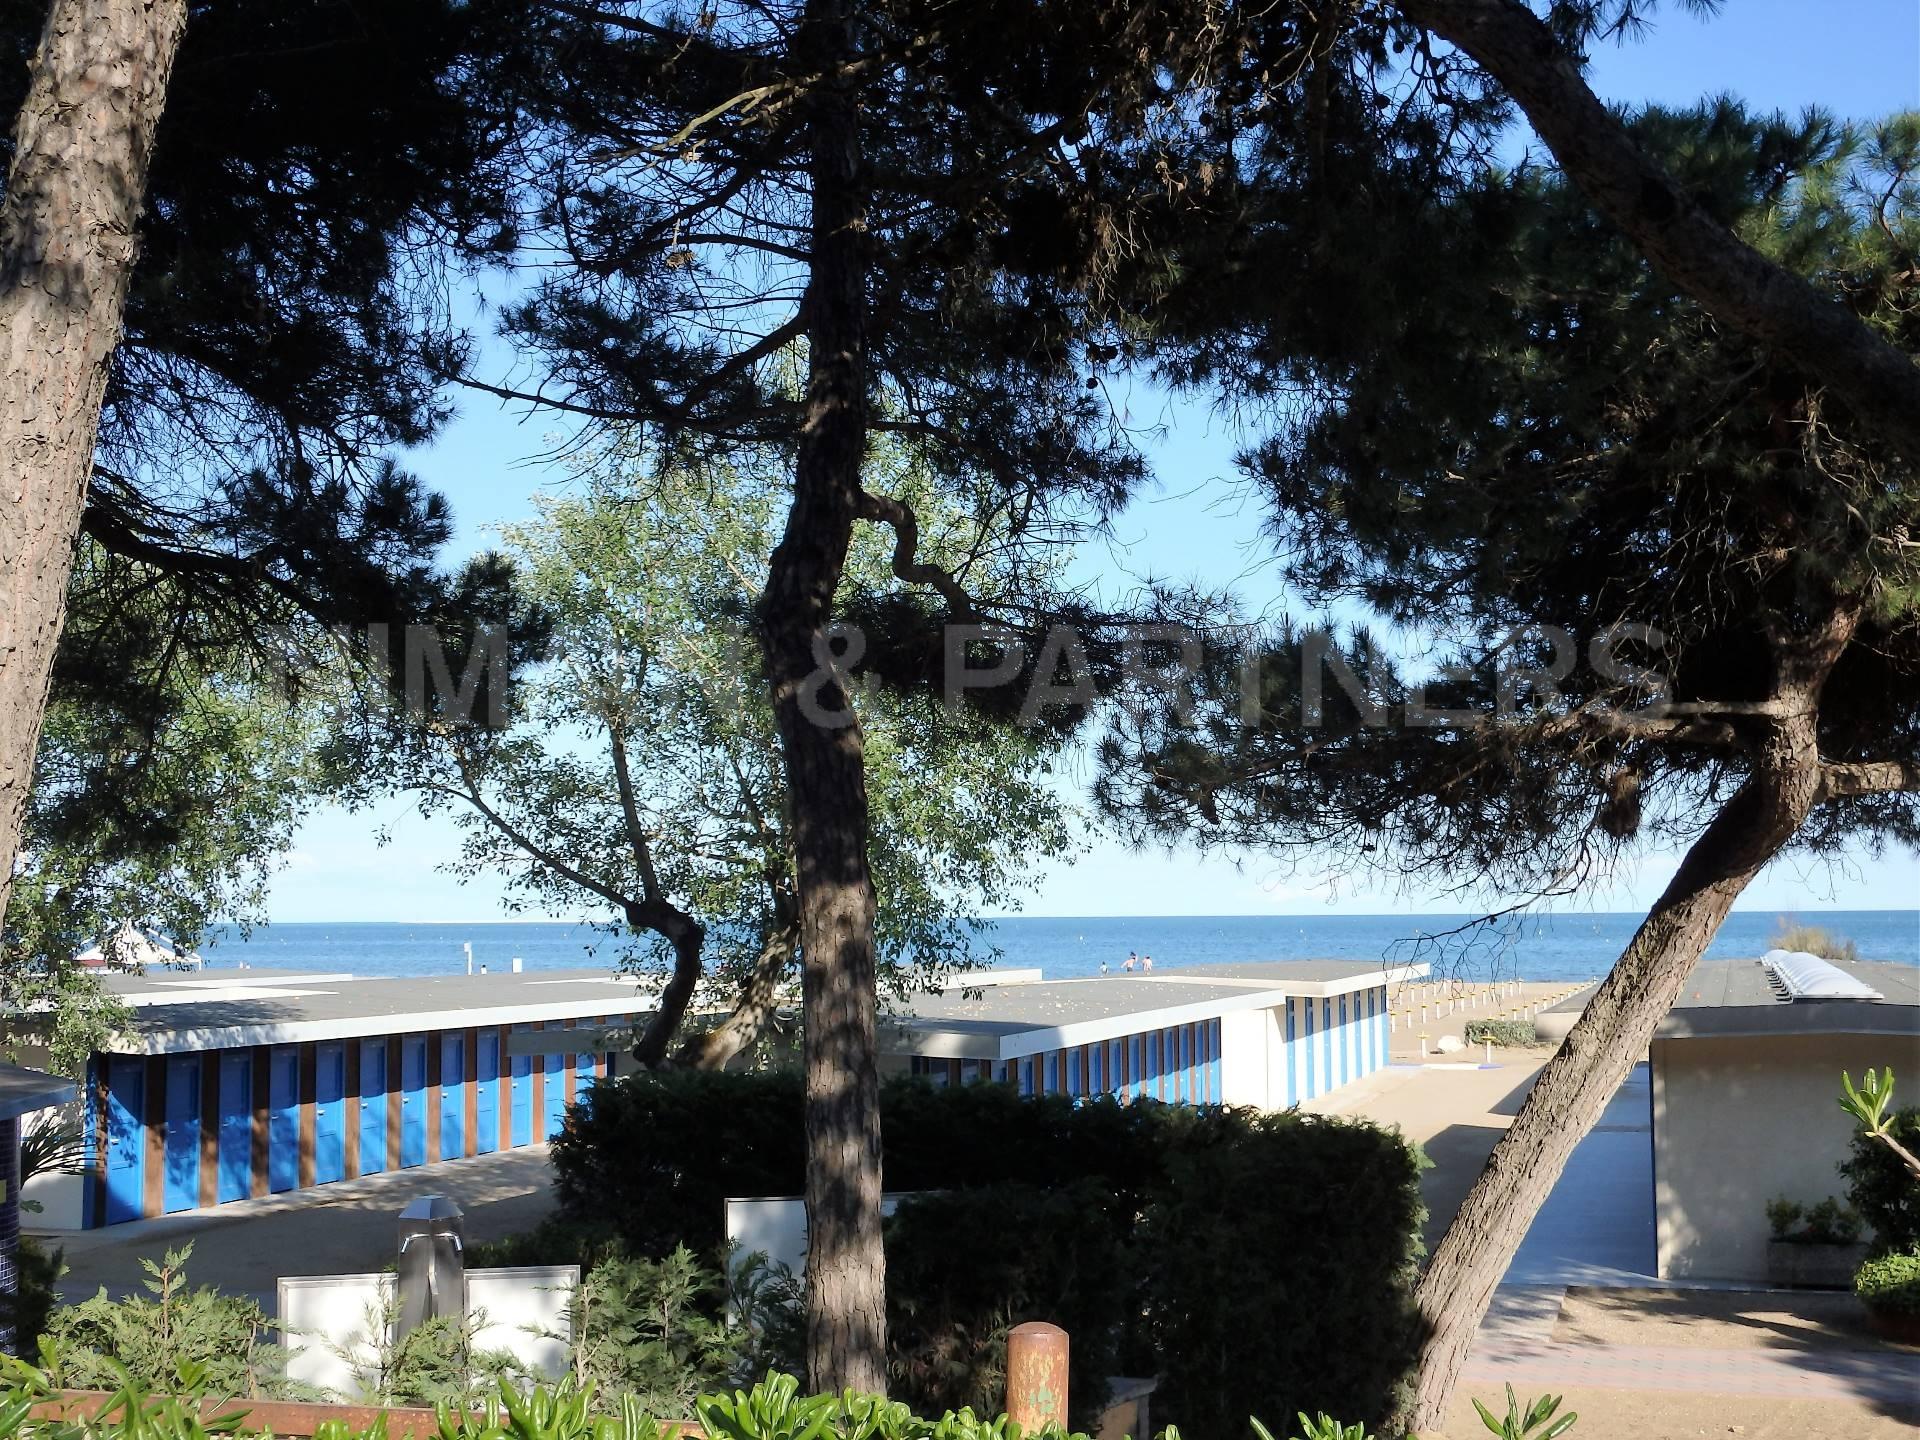 Appartamento in vendita a Venezia, 3 locali, zona Zona: 8 . Lido, prezzo € 620.000   CambioCasa.it